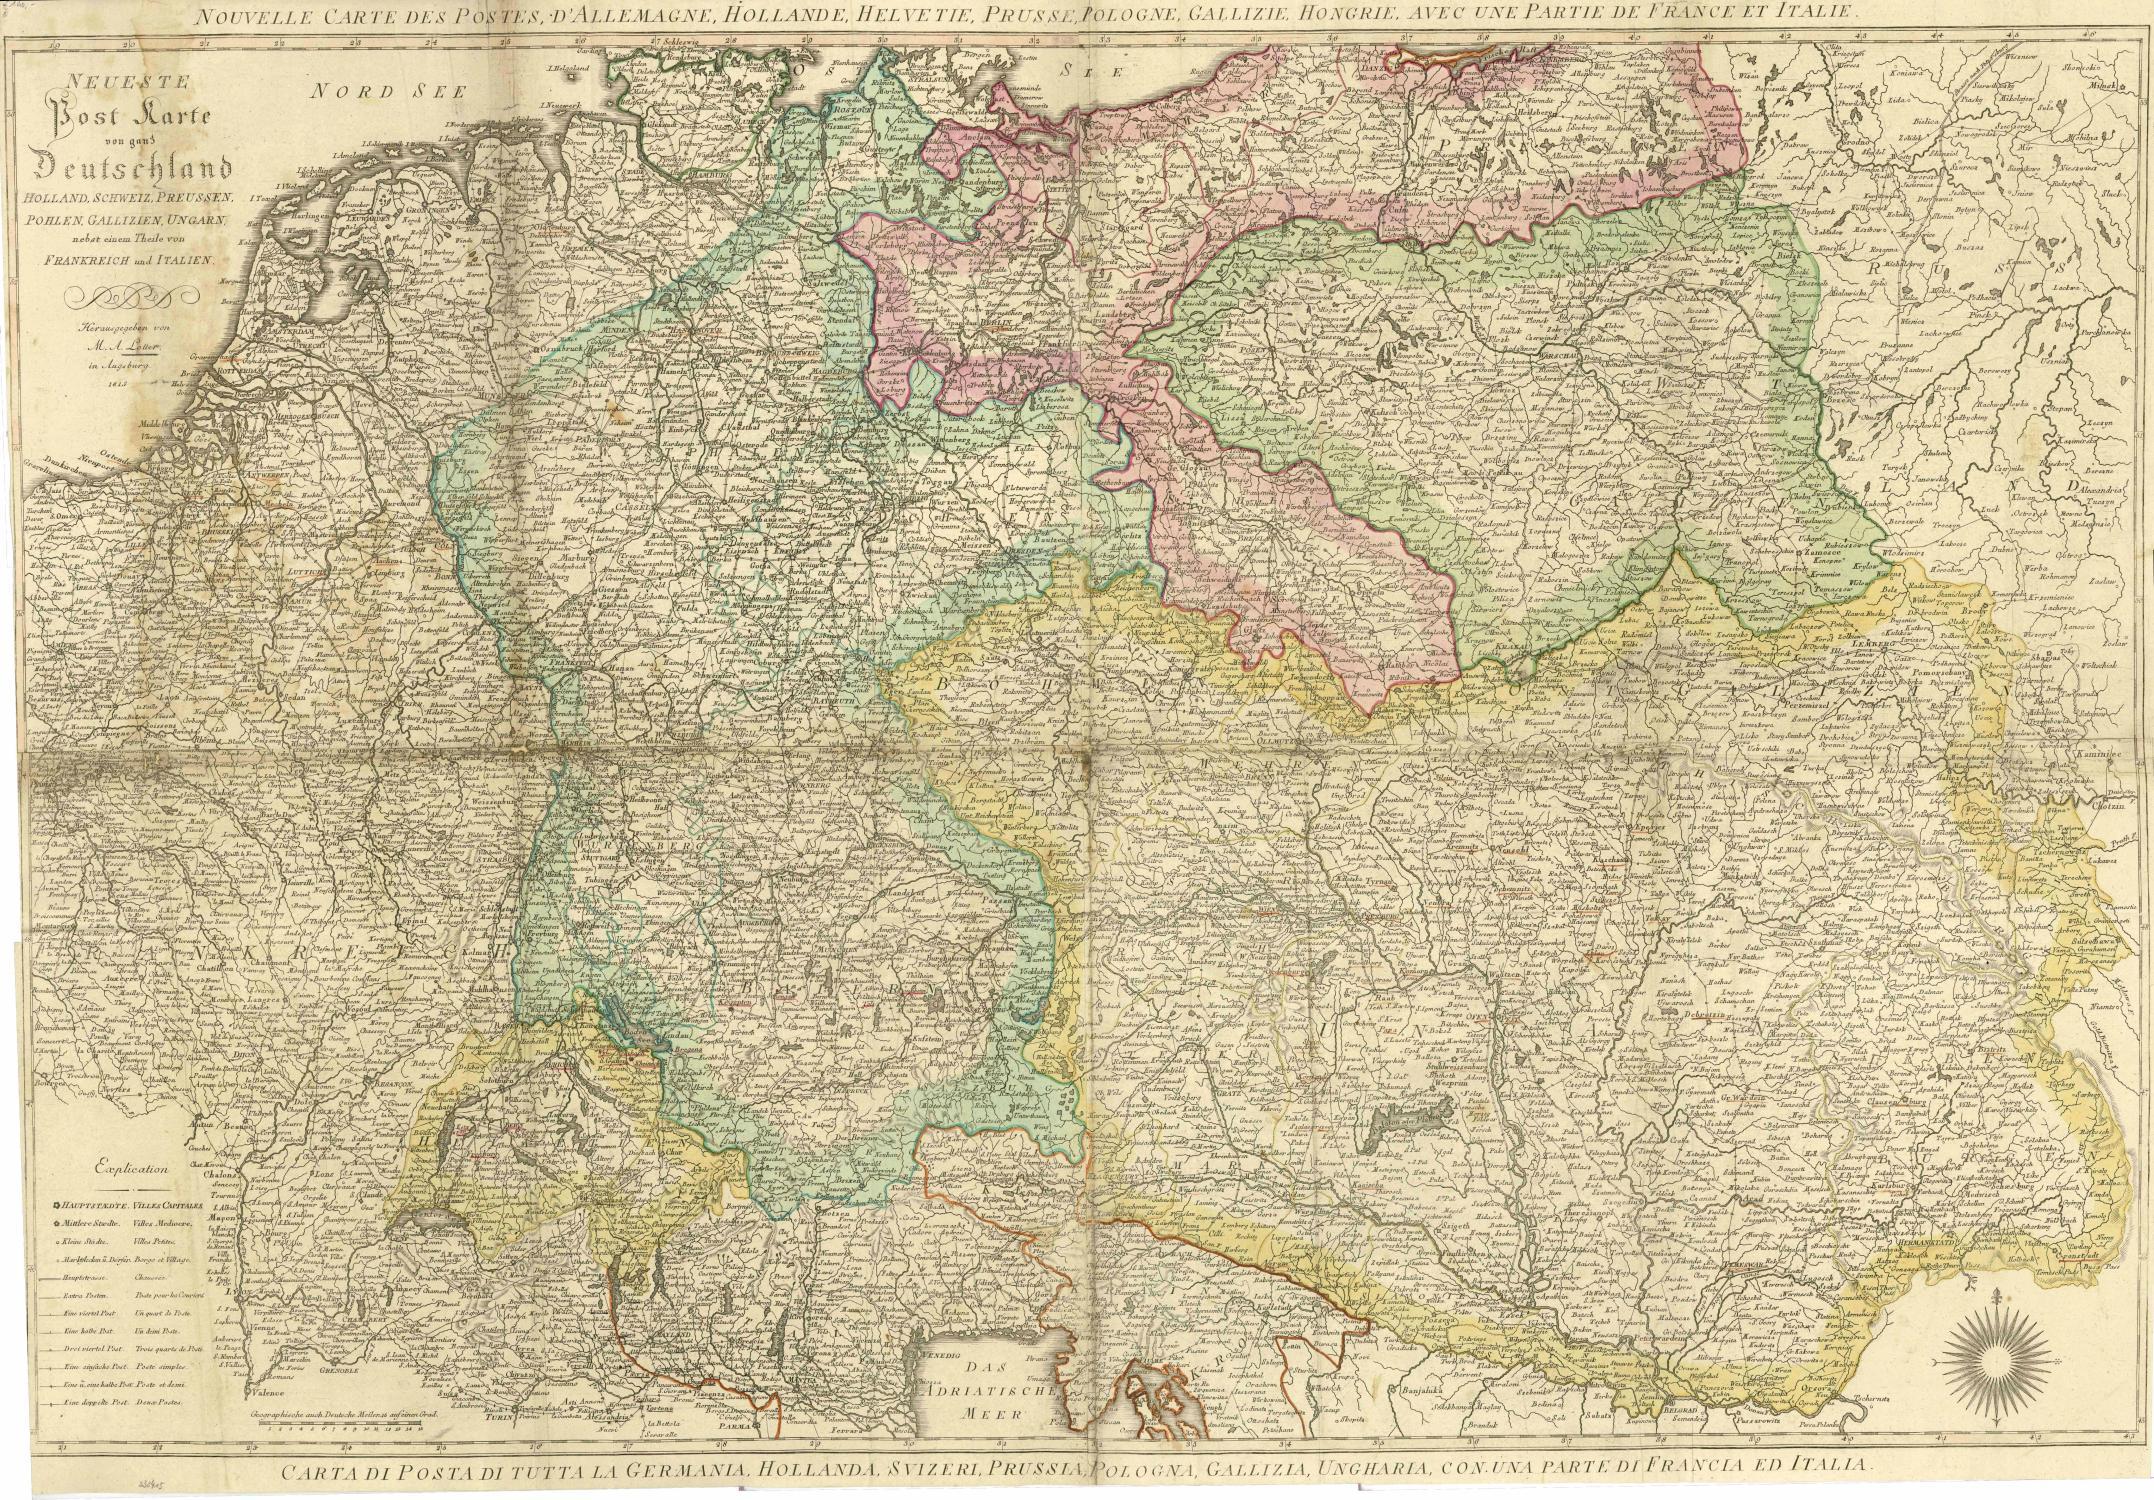 karte von ganz deutschland viaLibri ~ Neueste Post Karte von ganz Deutschland Holland